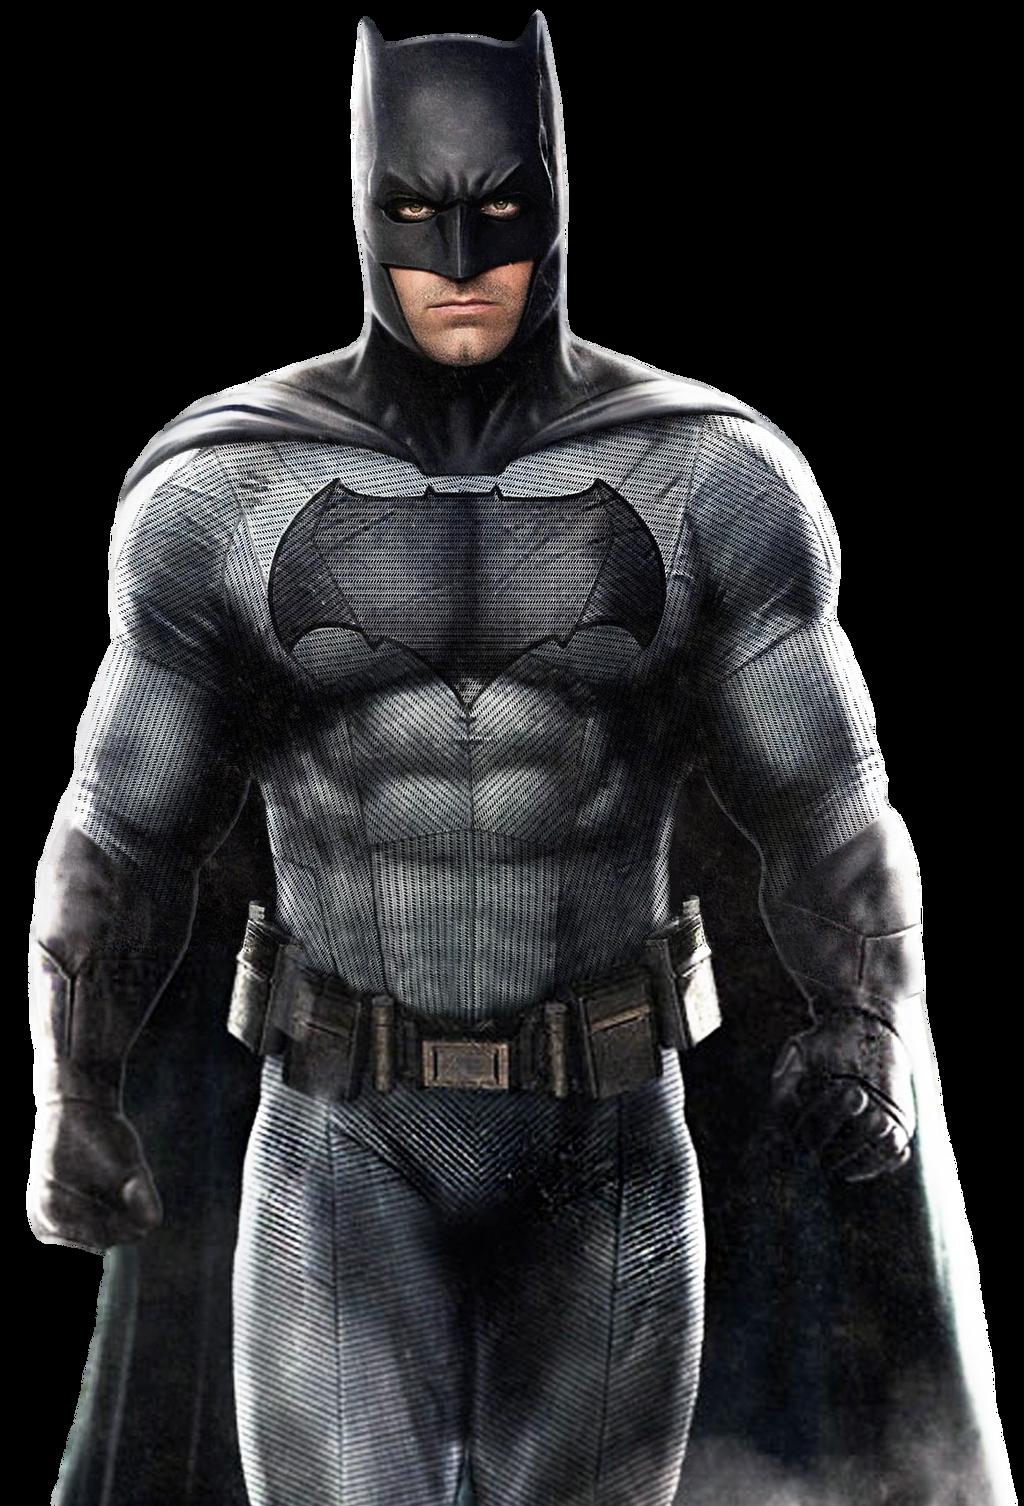 bvs 39 batman transparent background by camo flauge on deviantart. Black Bedroom Furniture Sets. Home Design Ideas